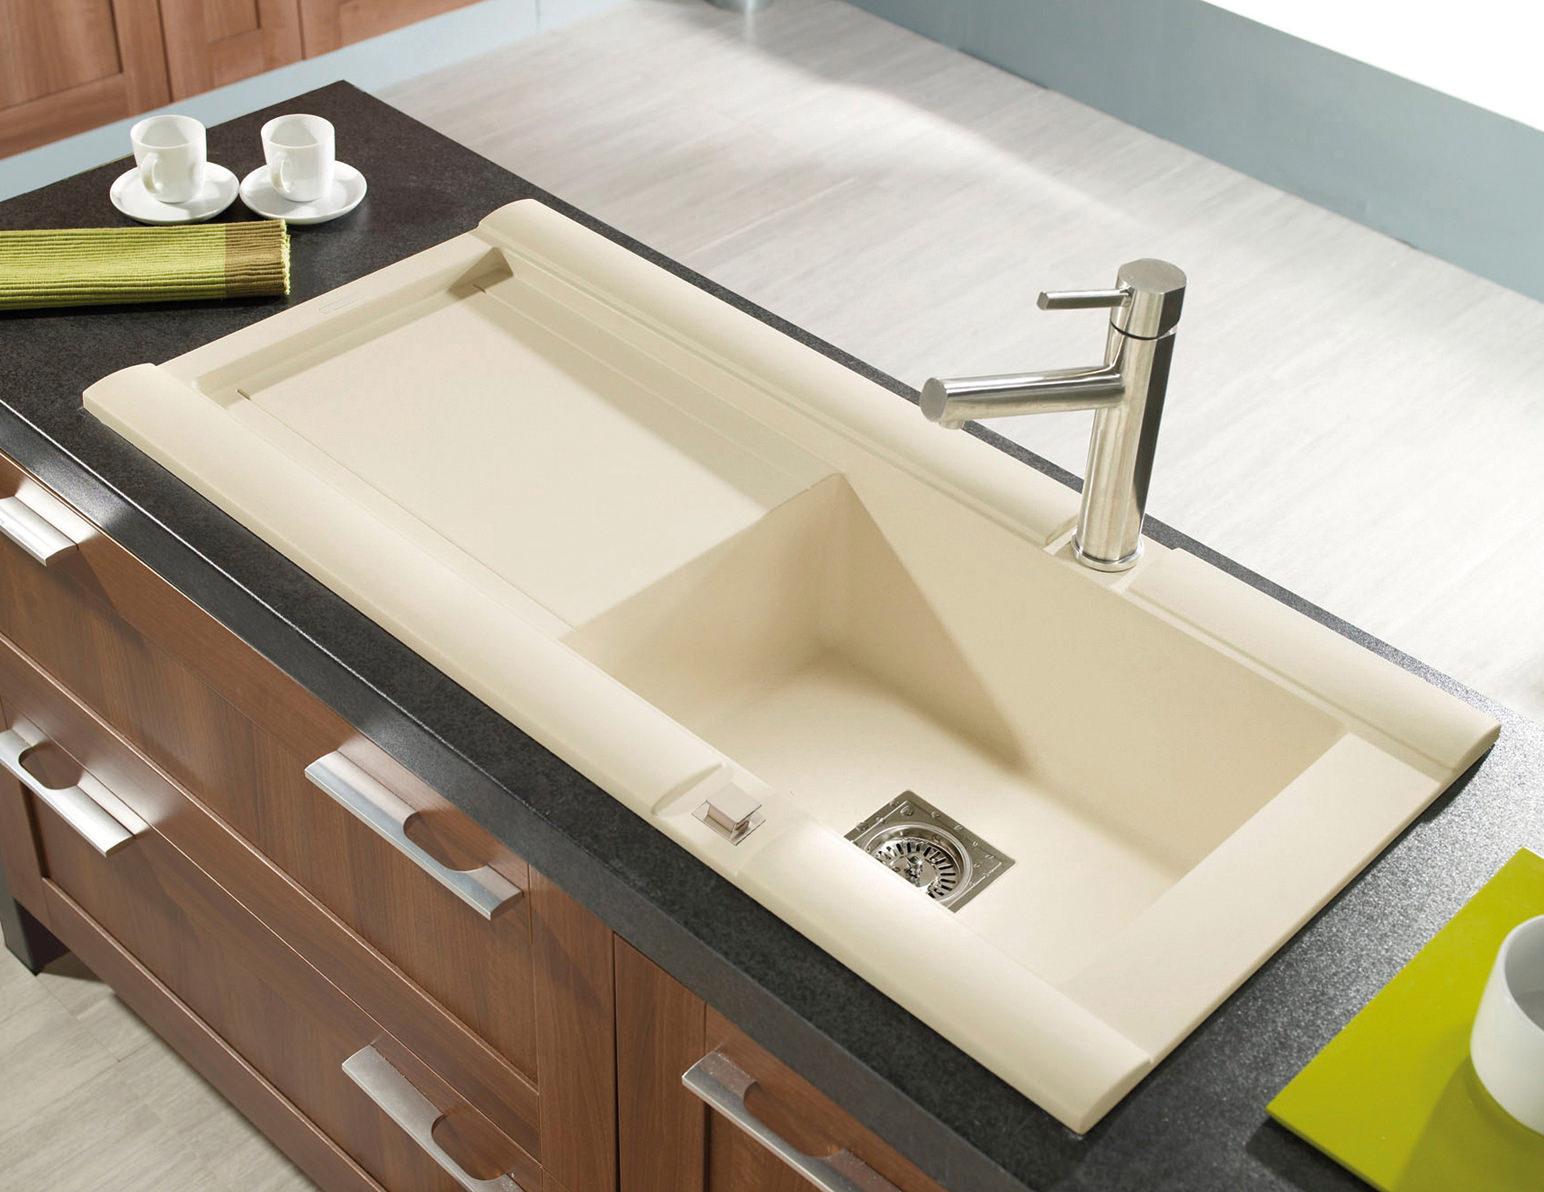 Rok Granite Sinks : Astracast Geo 1.0 Bowl Composite ROK Granite Inset Sink - GE10RHHOMESK